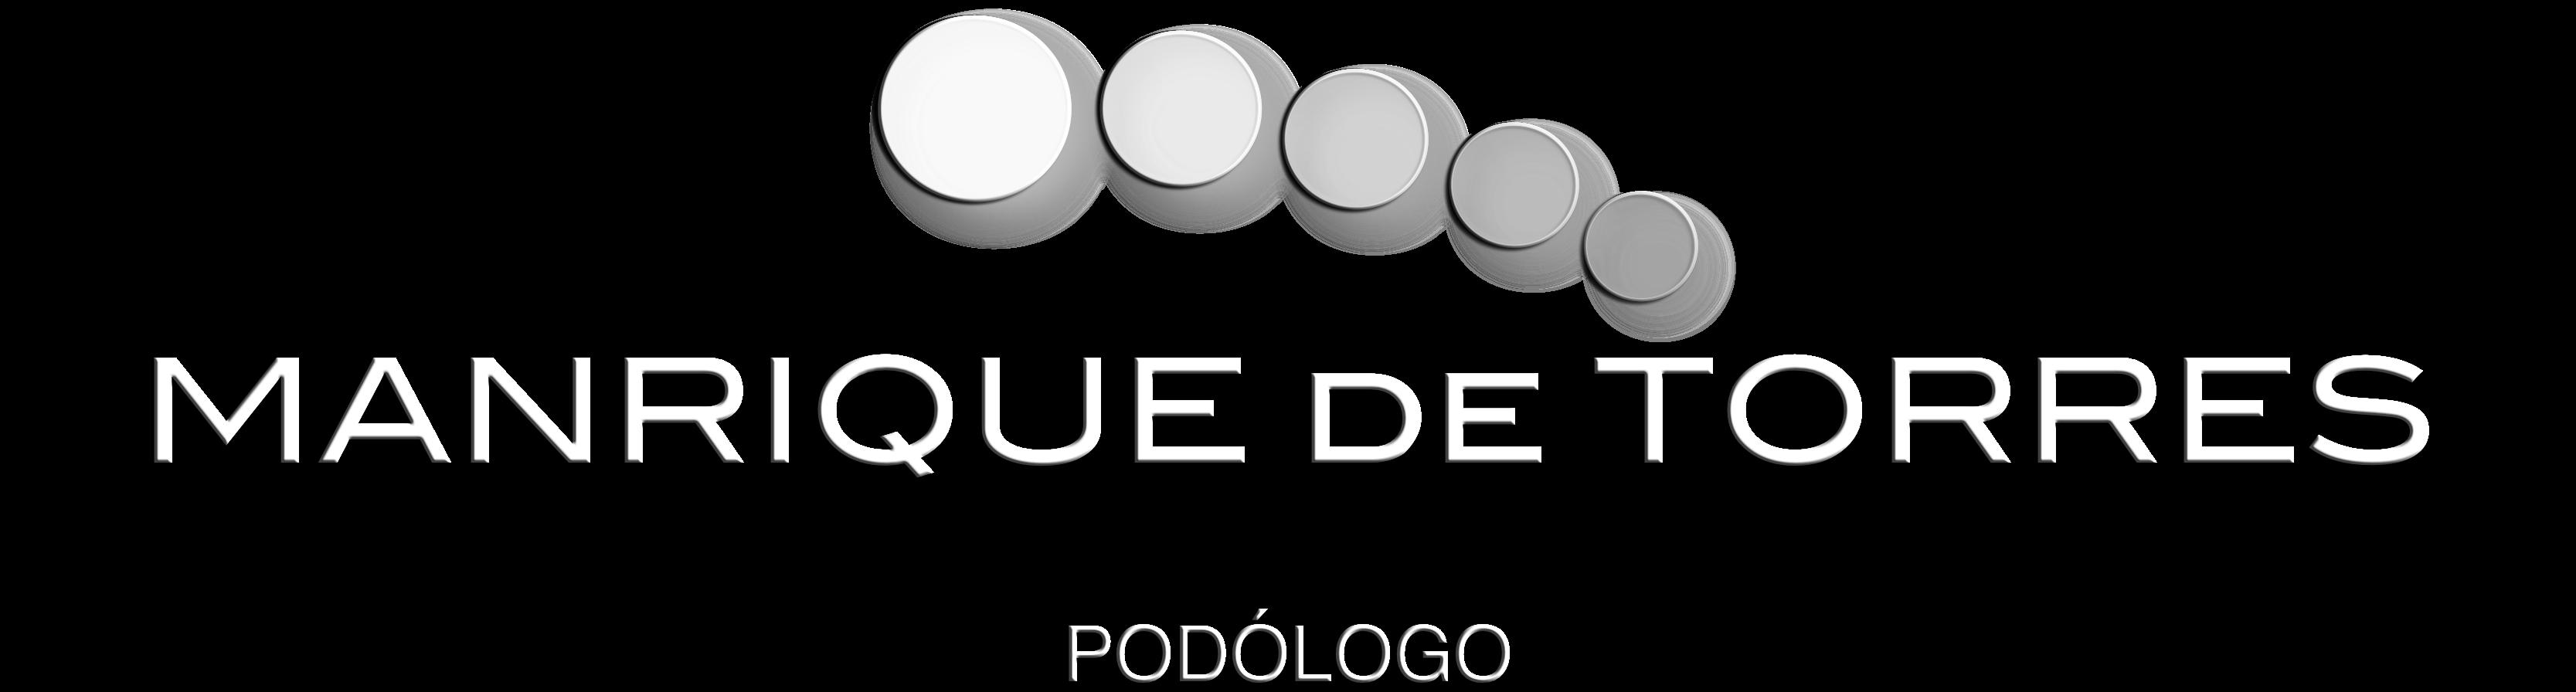 Podólogo en Madrid – Manrique de Torres – Tratamiento del Pie – Plantillas – Uñas Encarnadas – Papiloma Plantar – Hongos